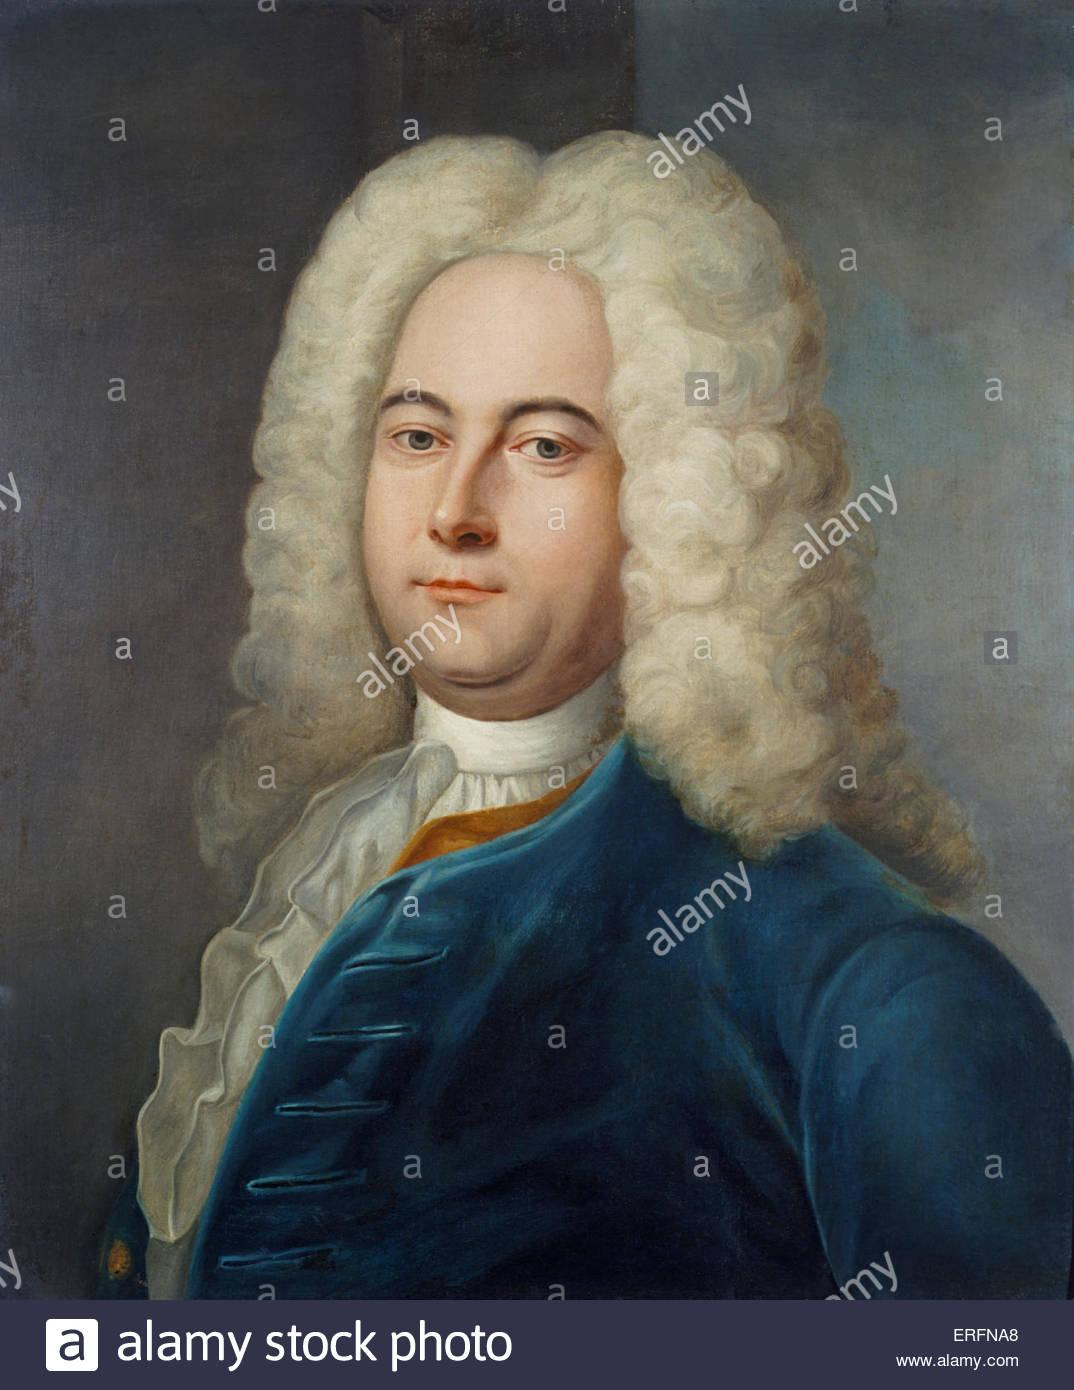 George Frideric Handel - Gemälde von Denner, 1752. Frideric Handel, deutsch-englische Komponist: 23. Februar Stockbild